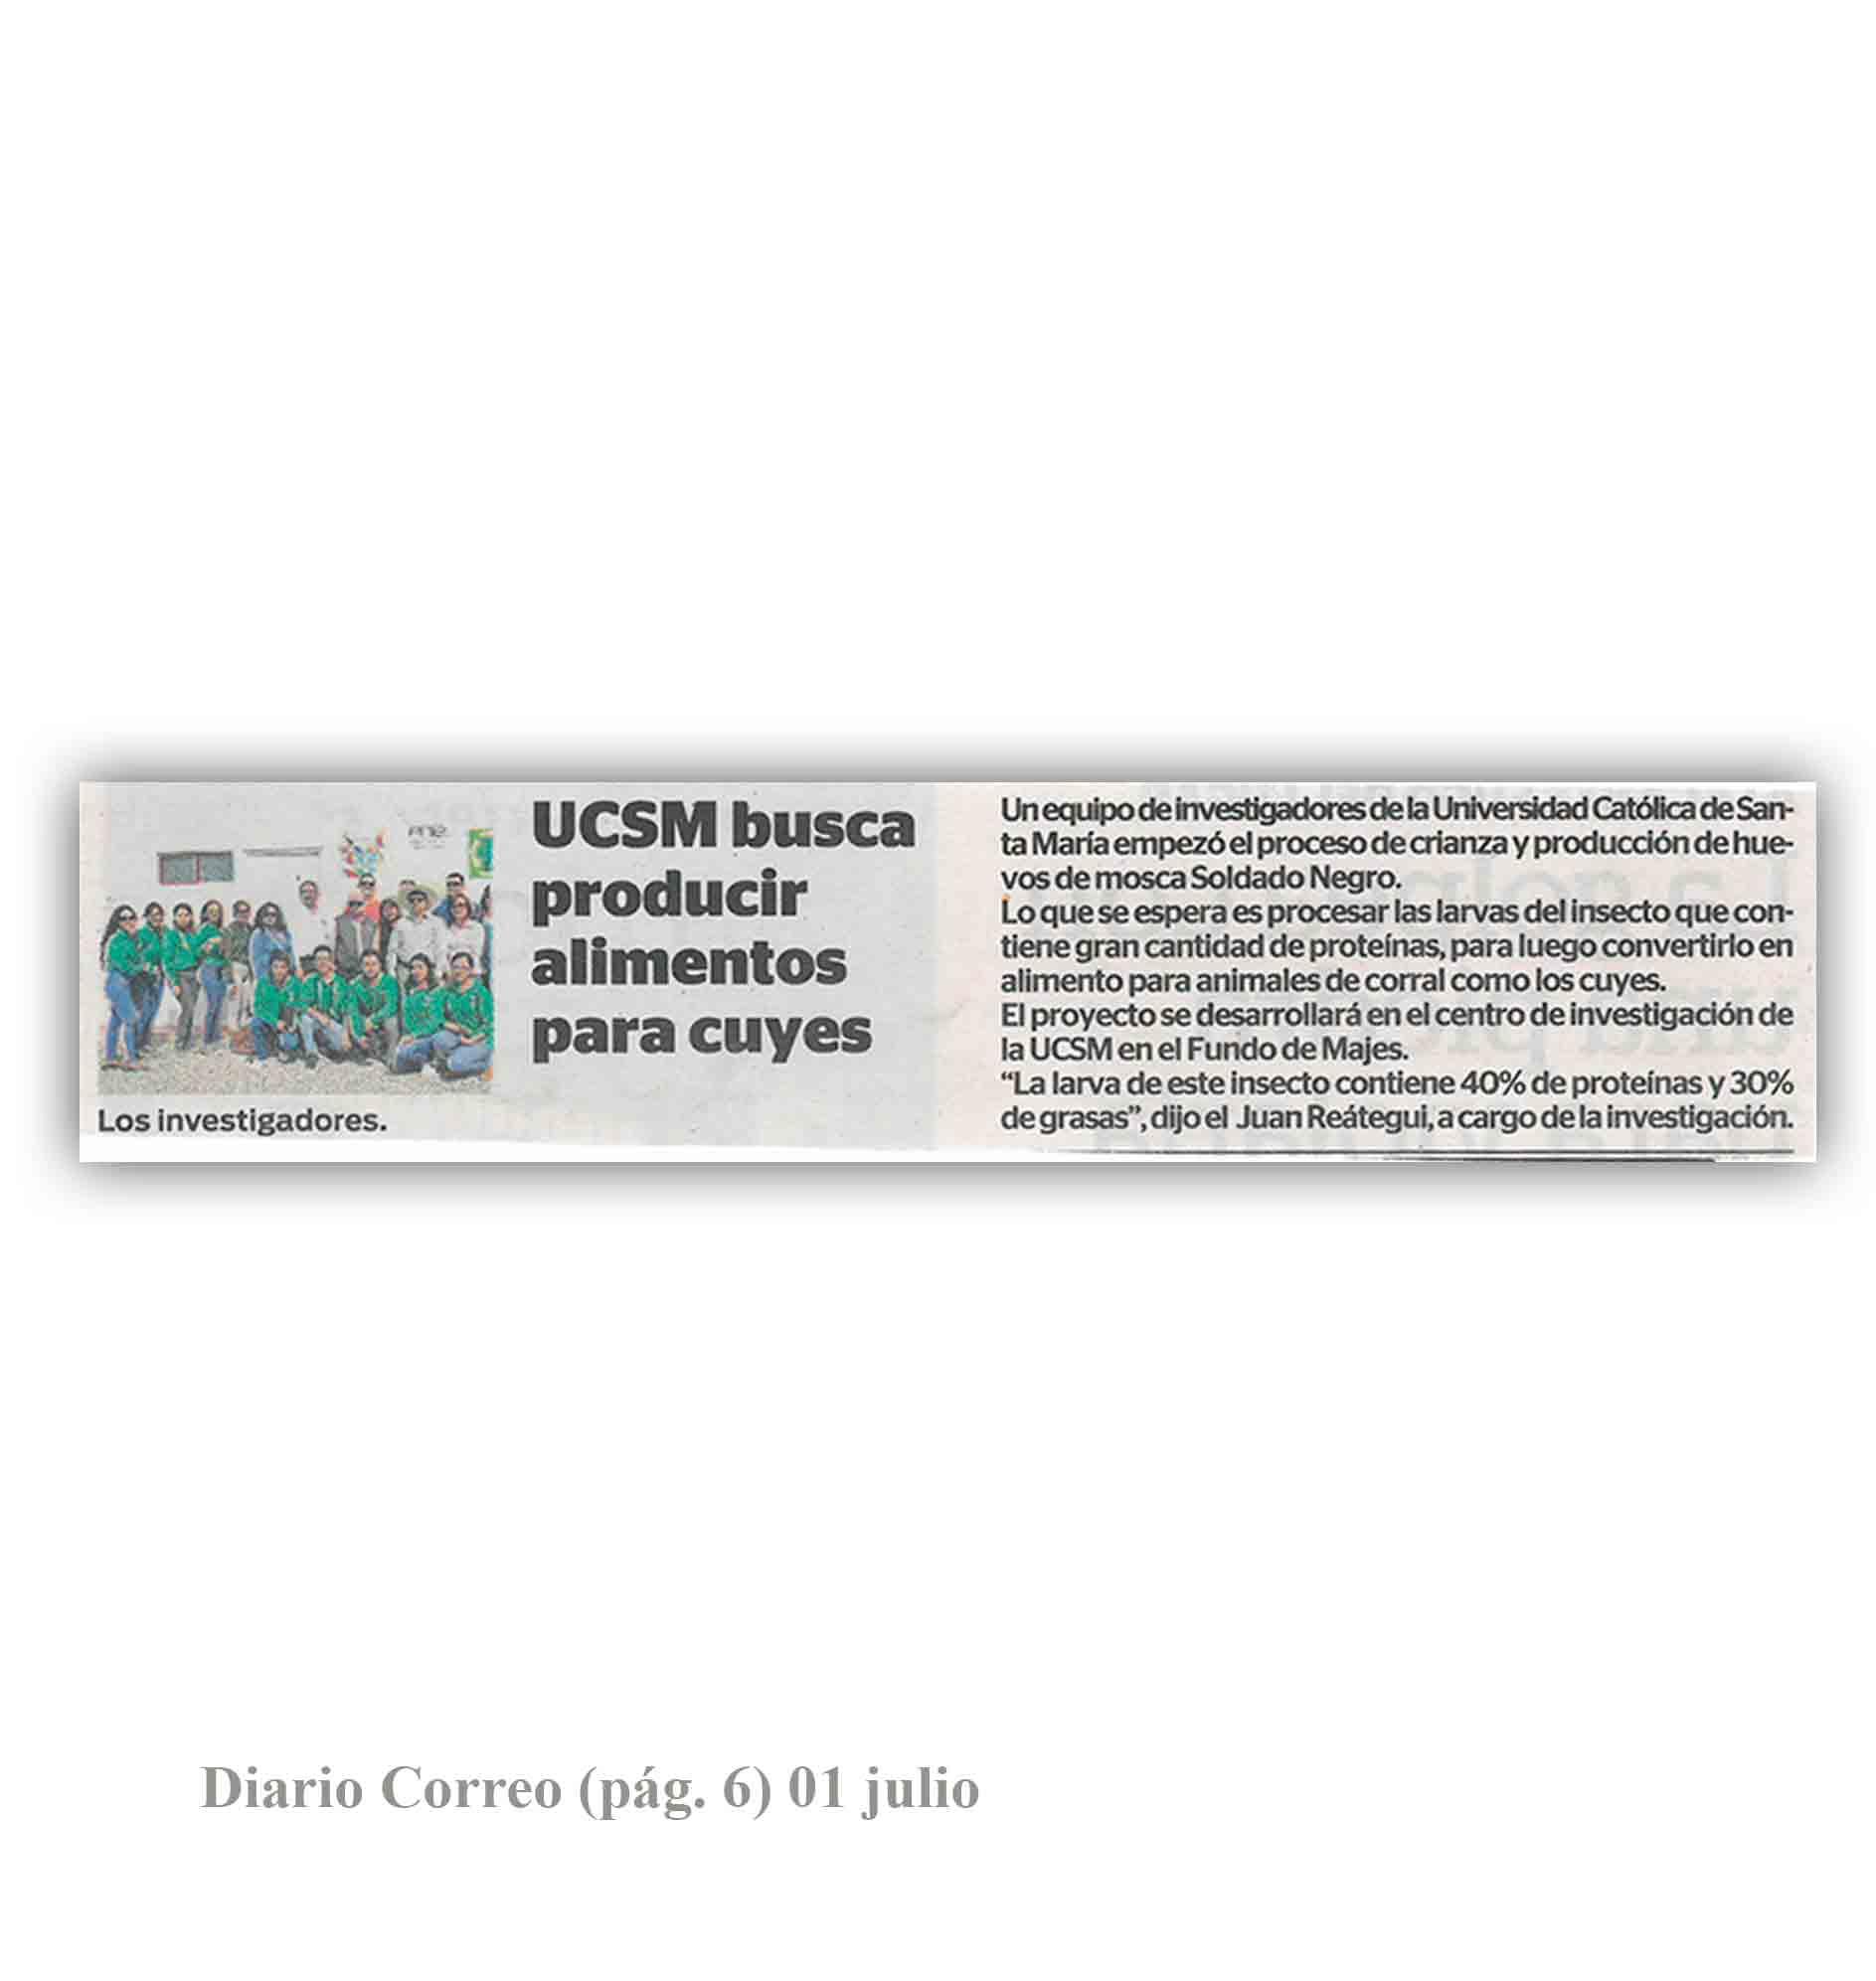 medios-30-de-junio2